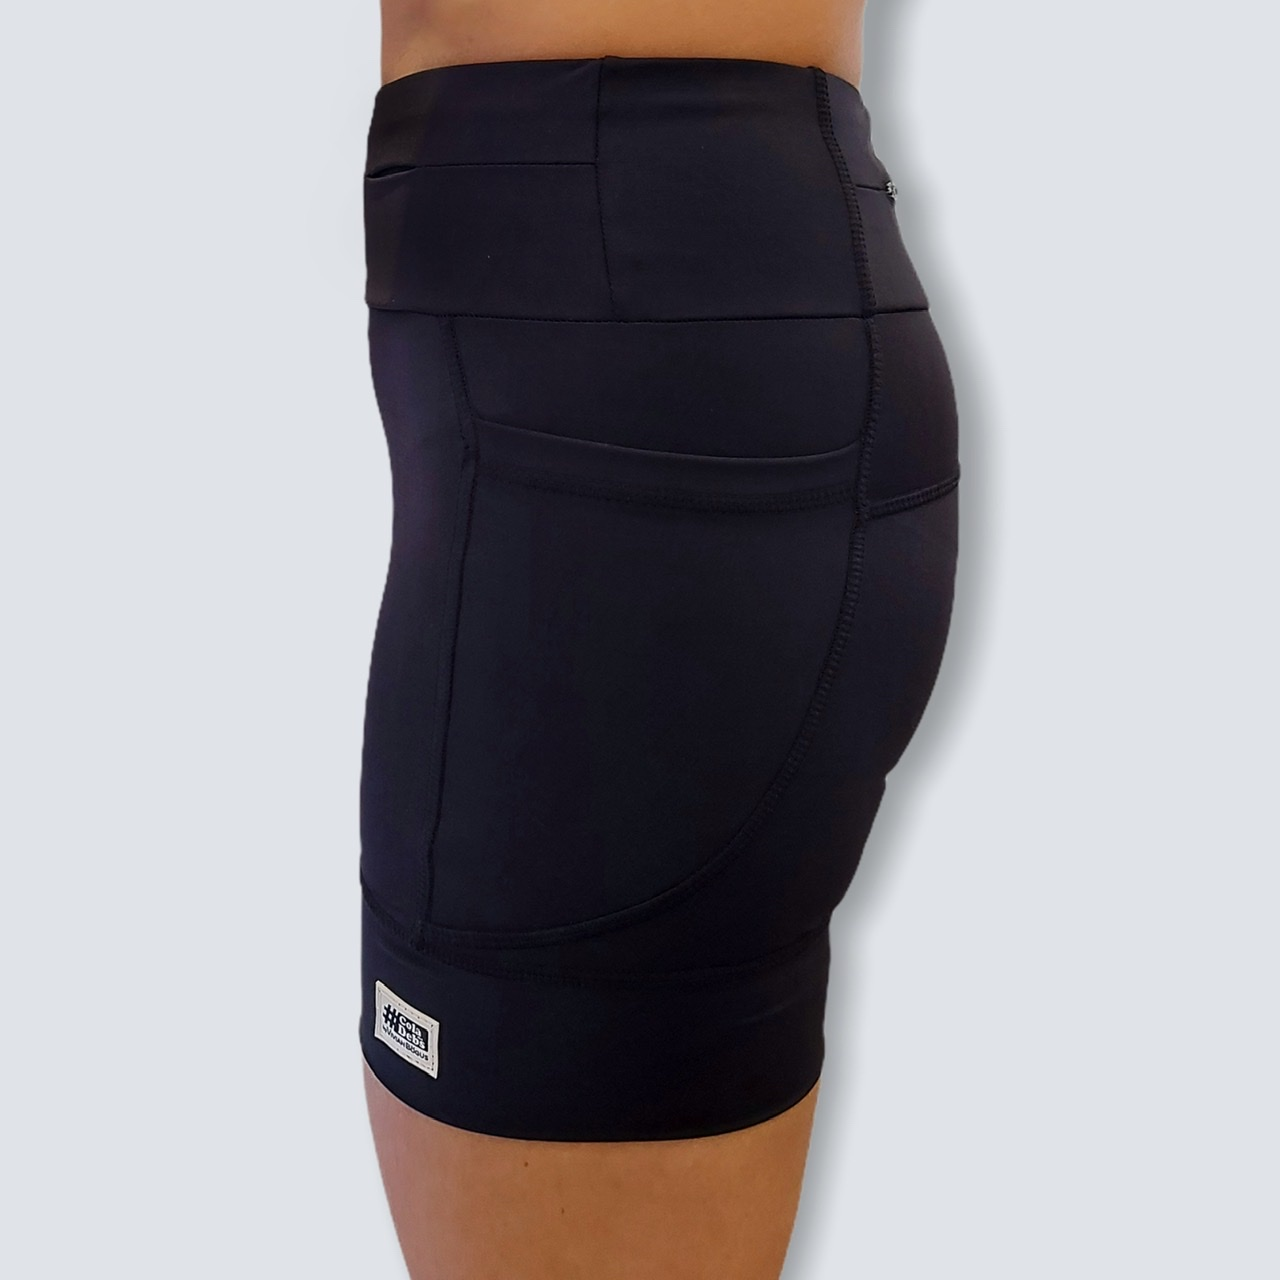 Shorts de compressão 1500 bolsos em sportiva preto   - Vivian Bógus